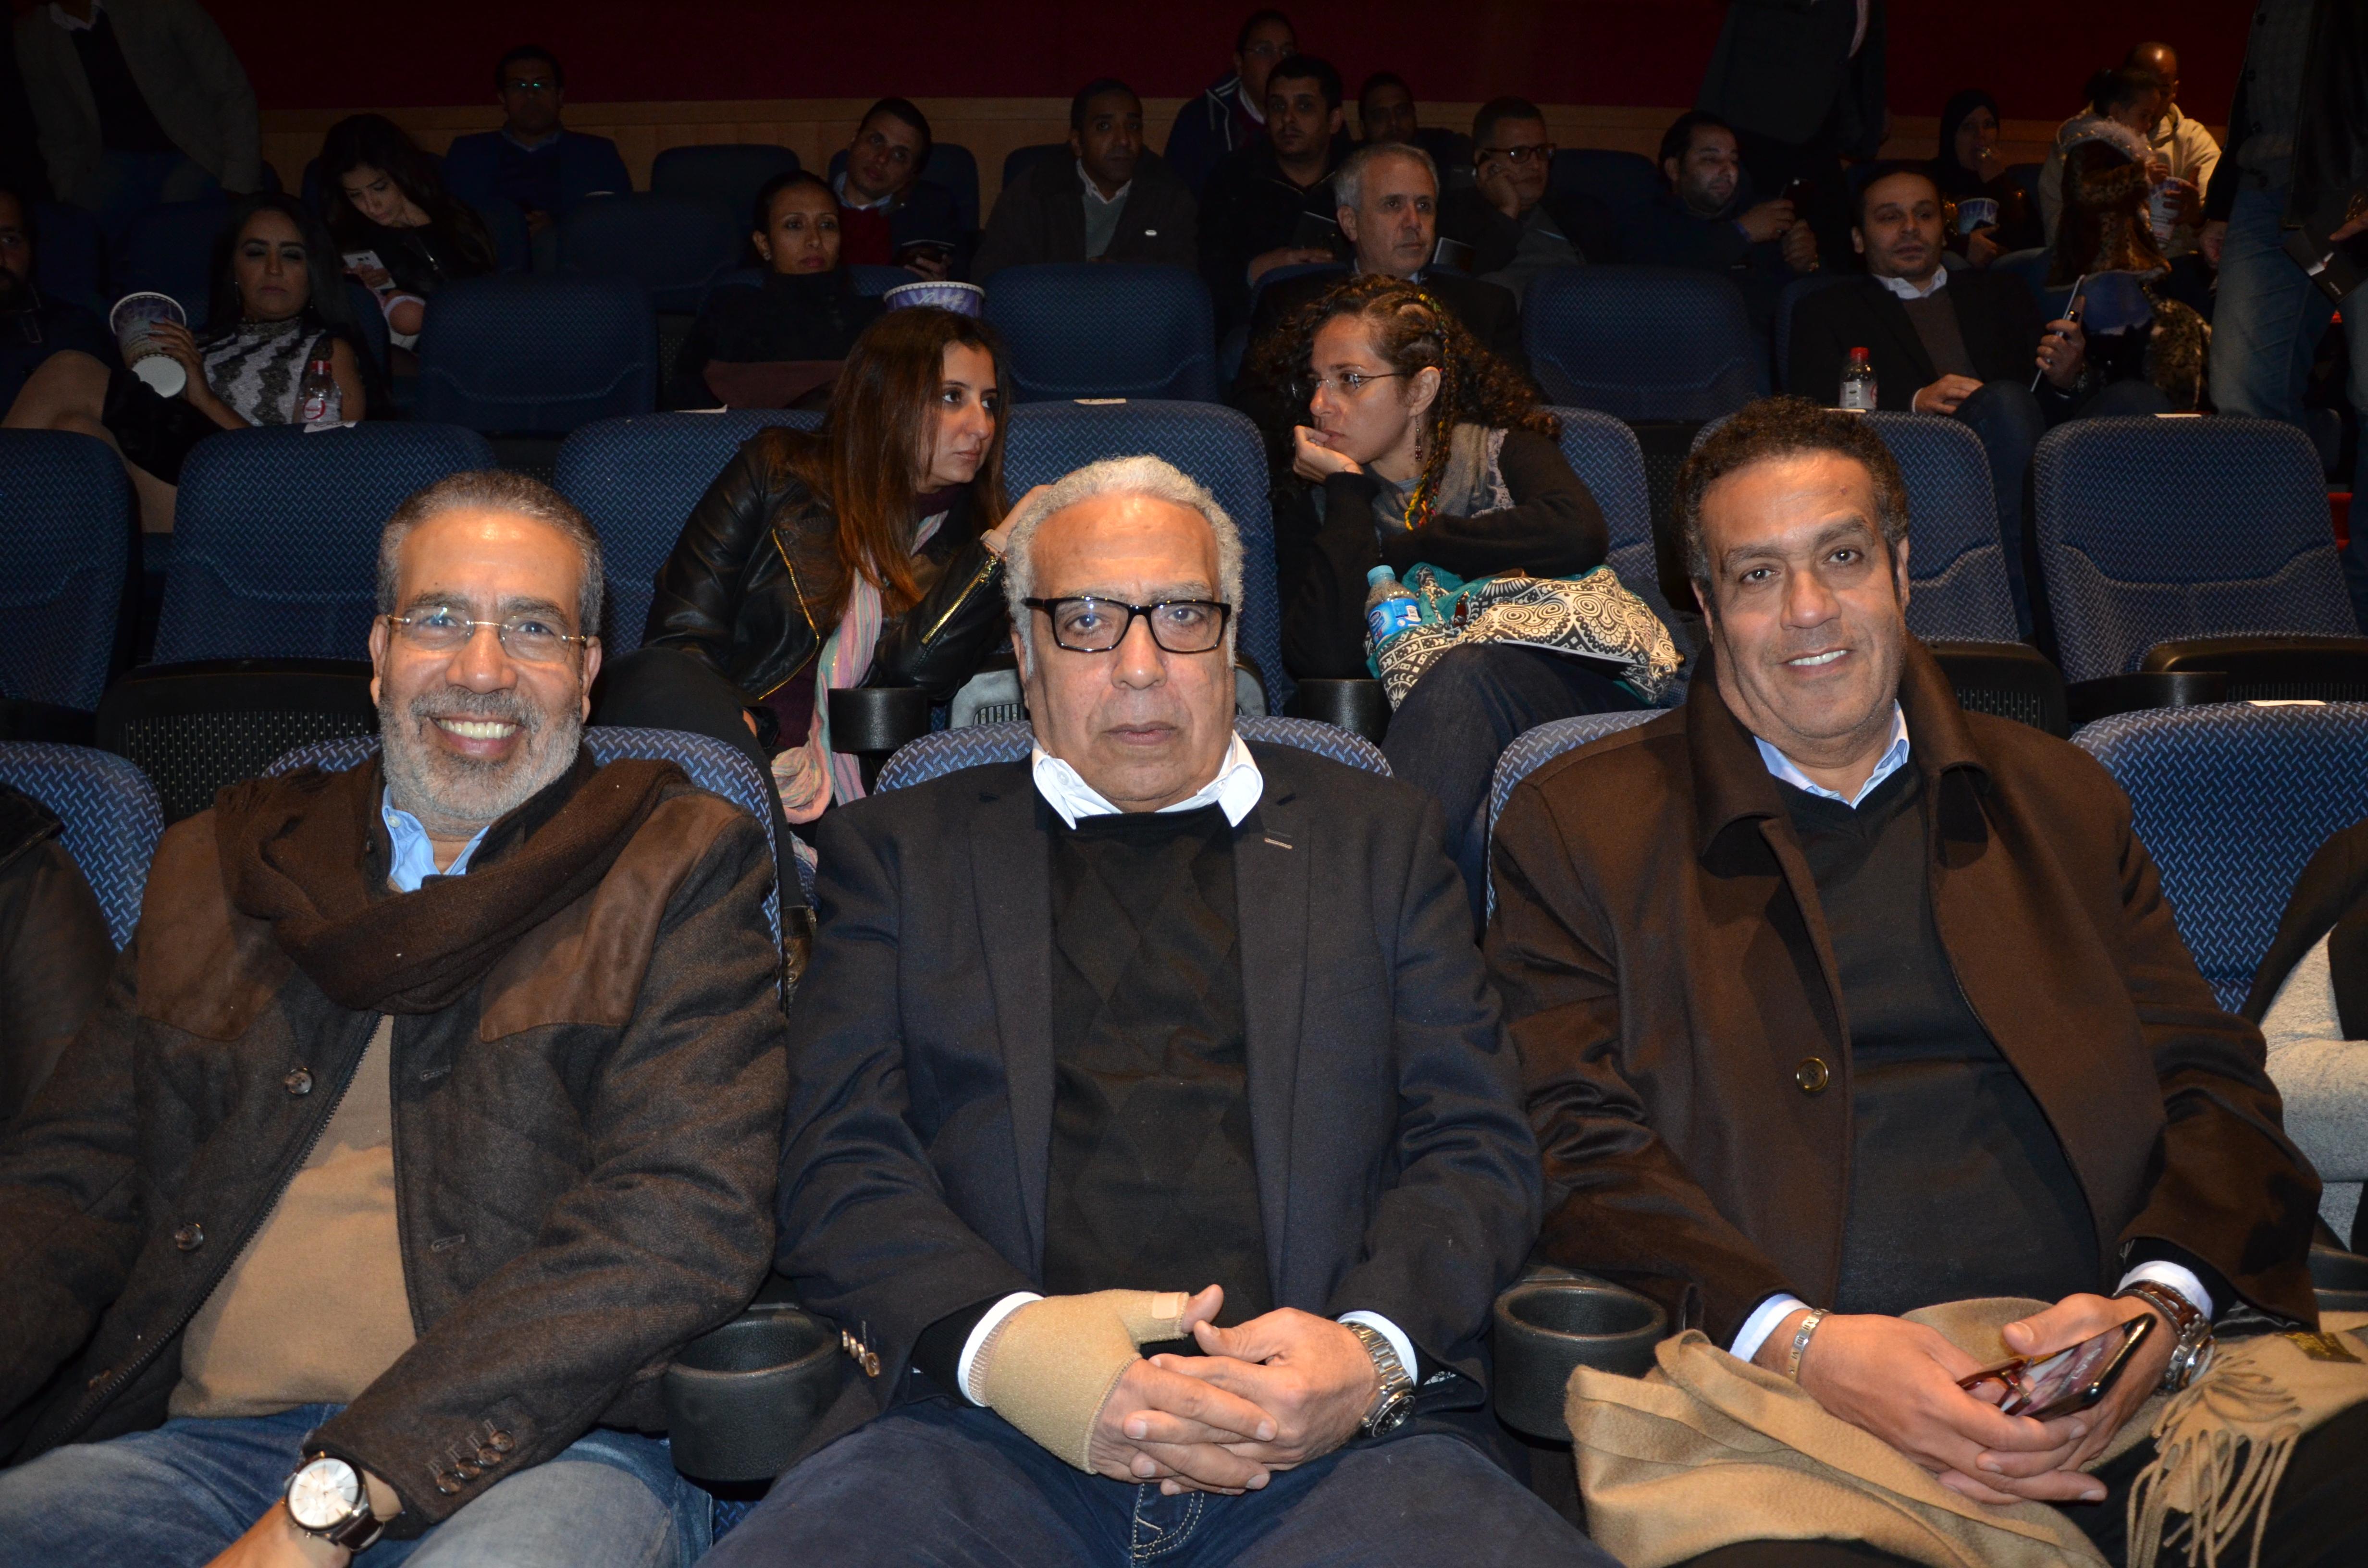 Medhat El Adl, Mohamed El Adl & Gamal El Adl